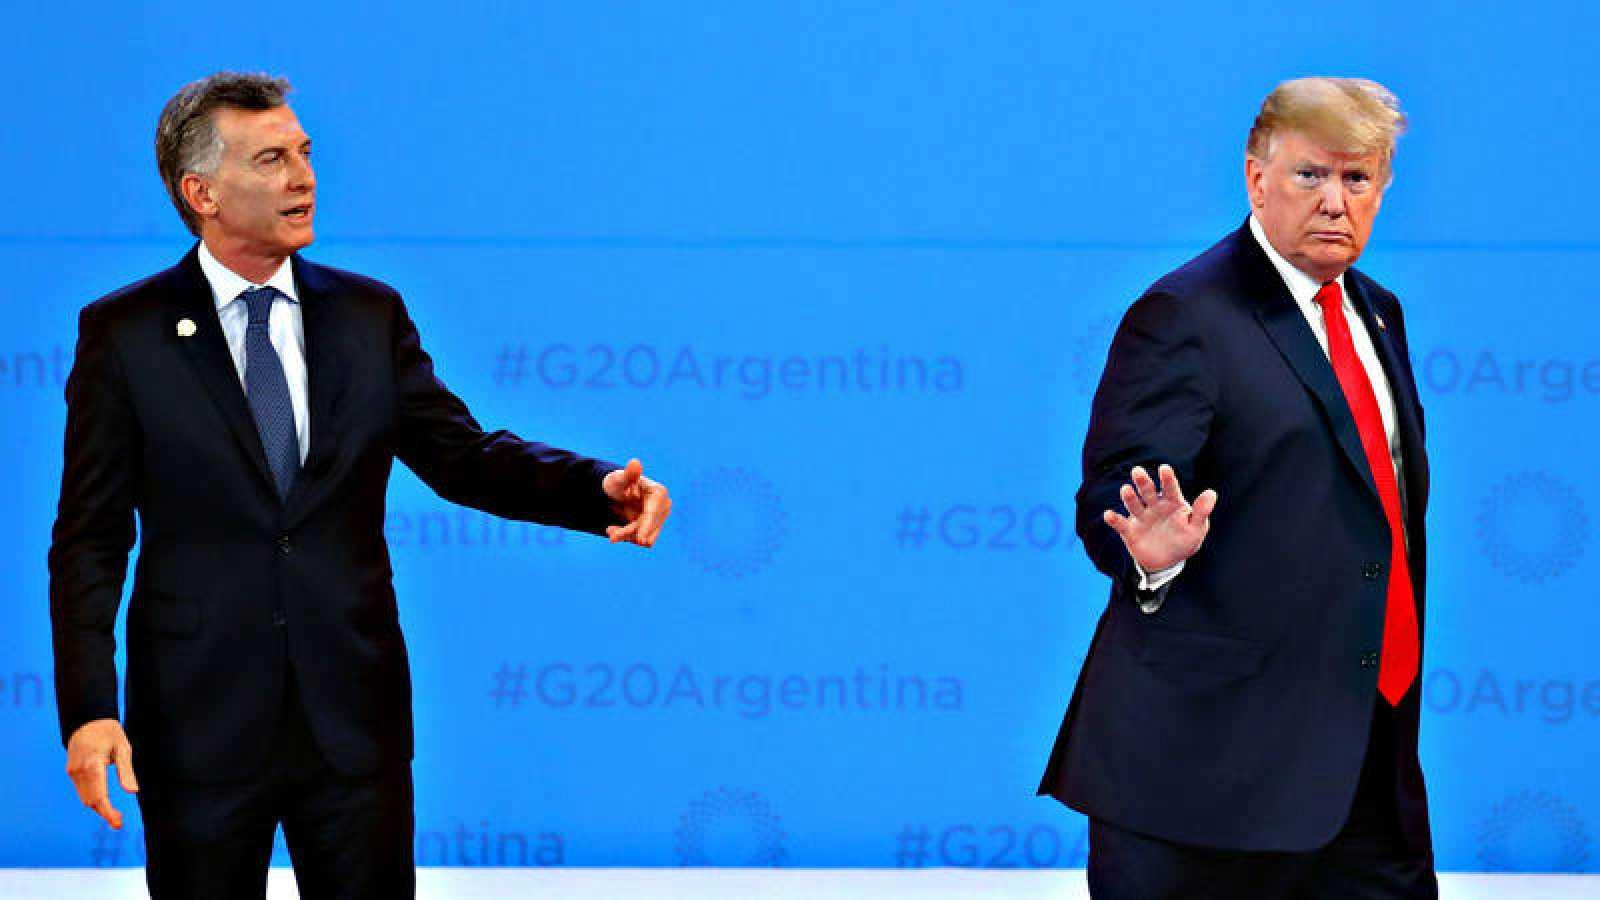 El presidente argentino, Mauricio Macri, recibe al presidente de Estados Unidos, Donald Trump, en la cumbre del G20